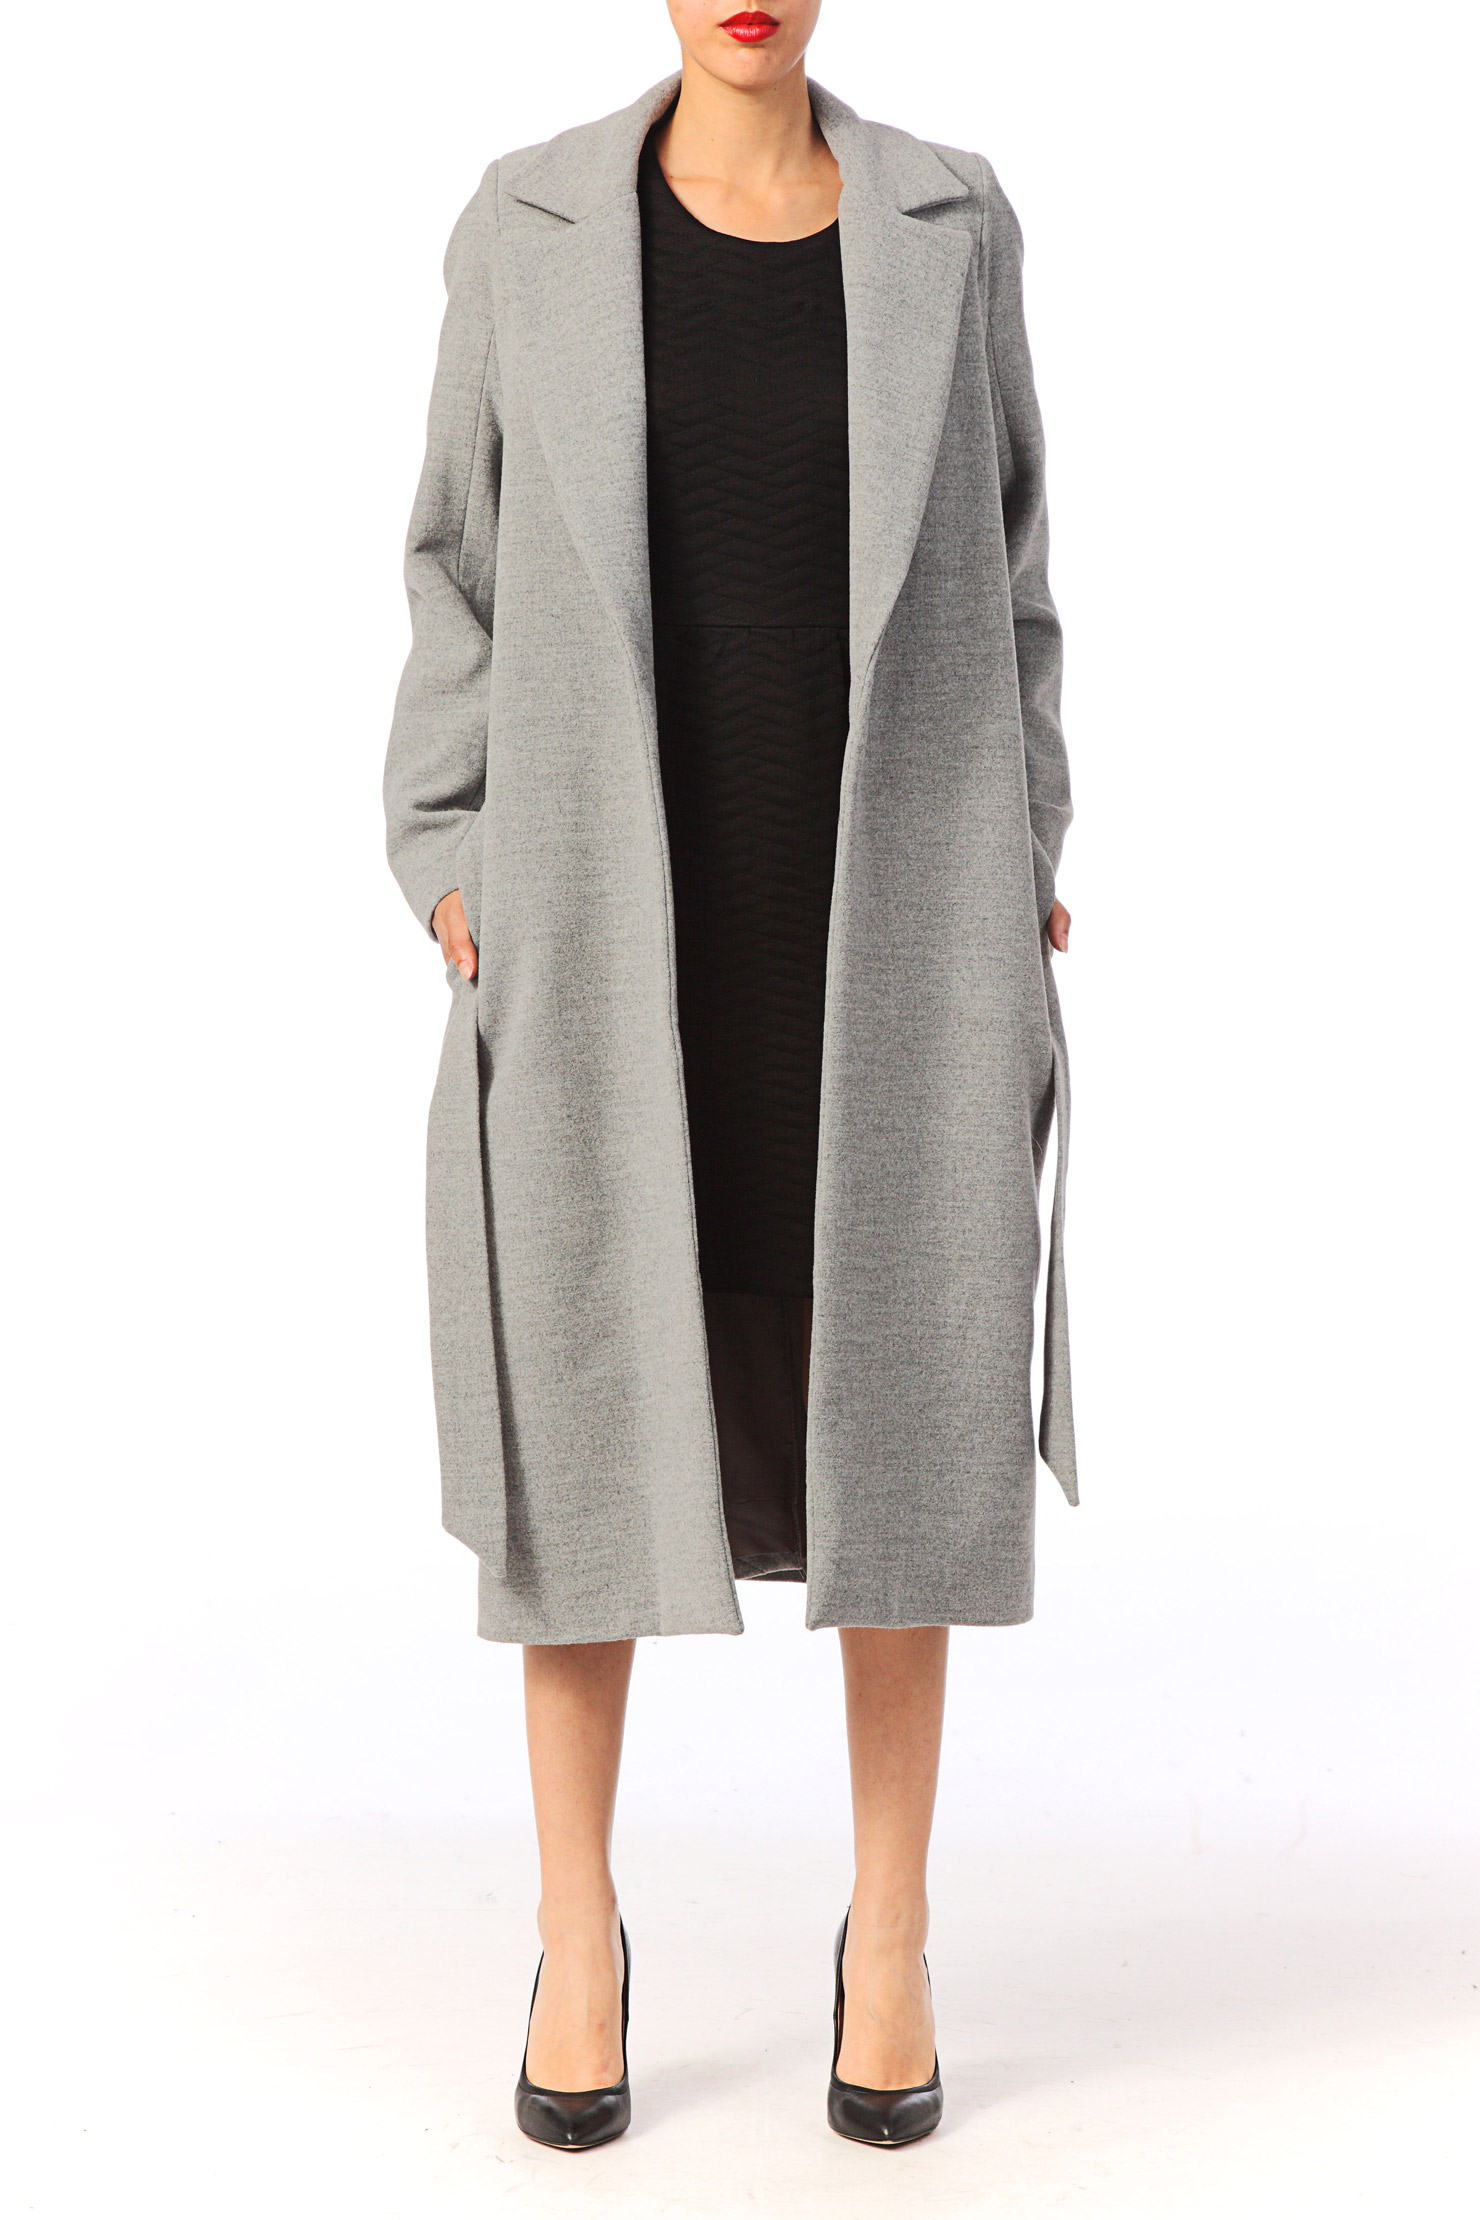 Manteau long pure laine femme